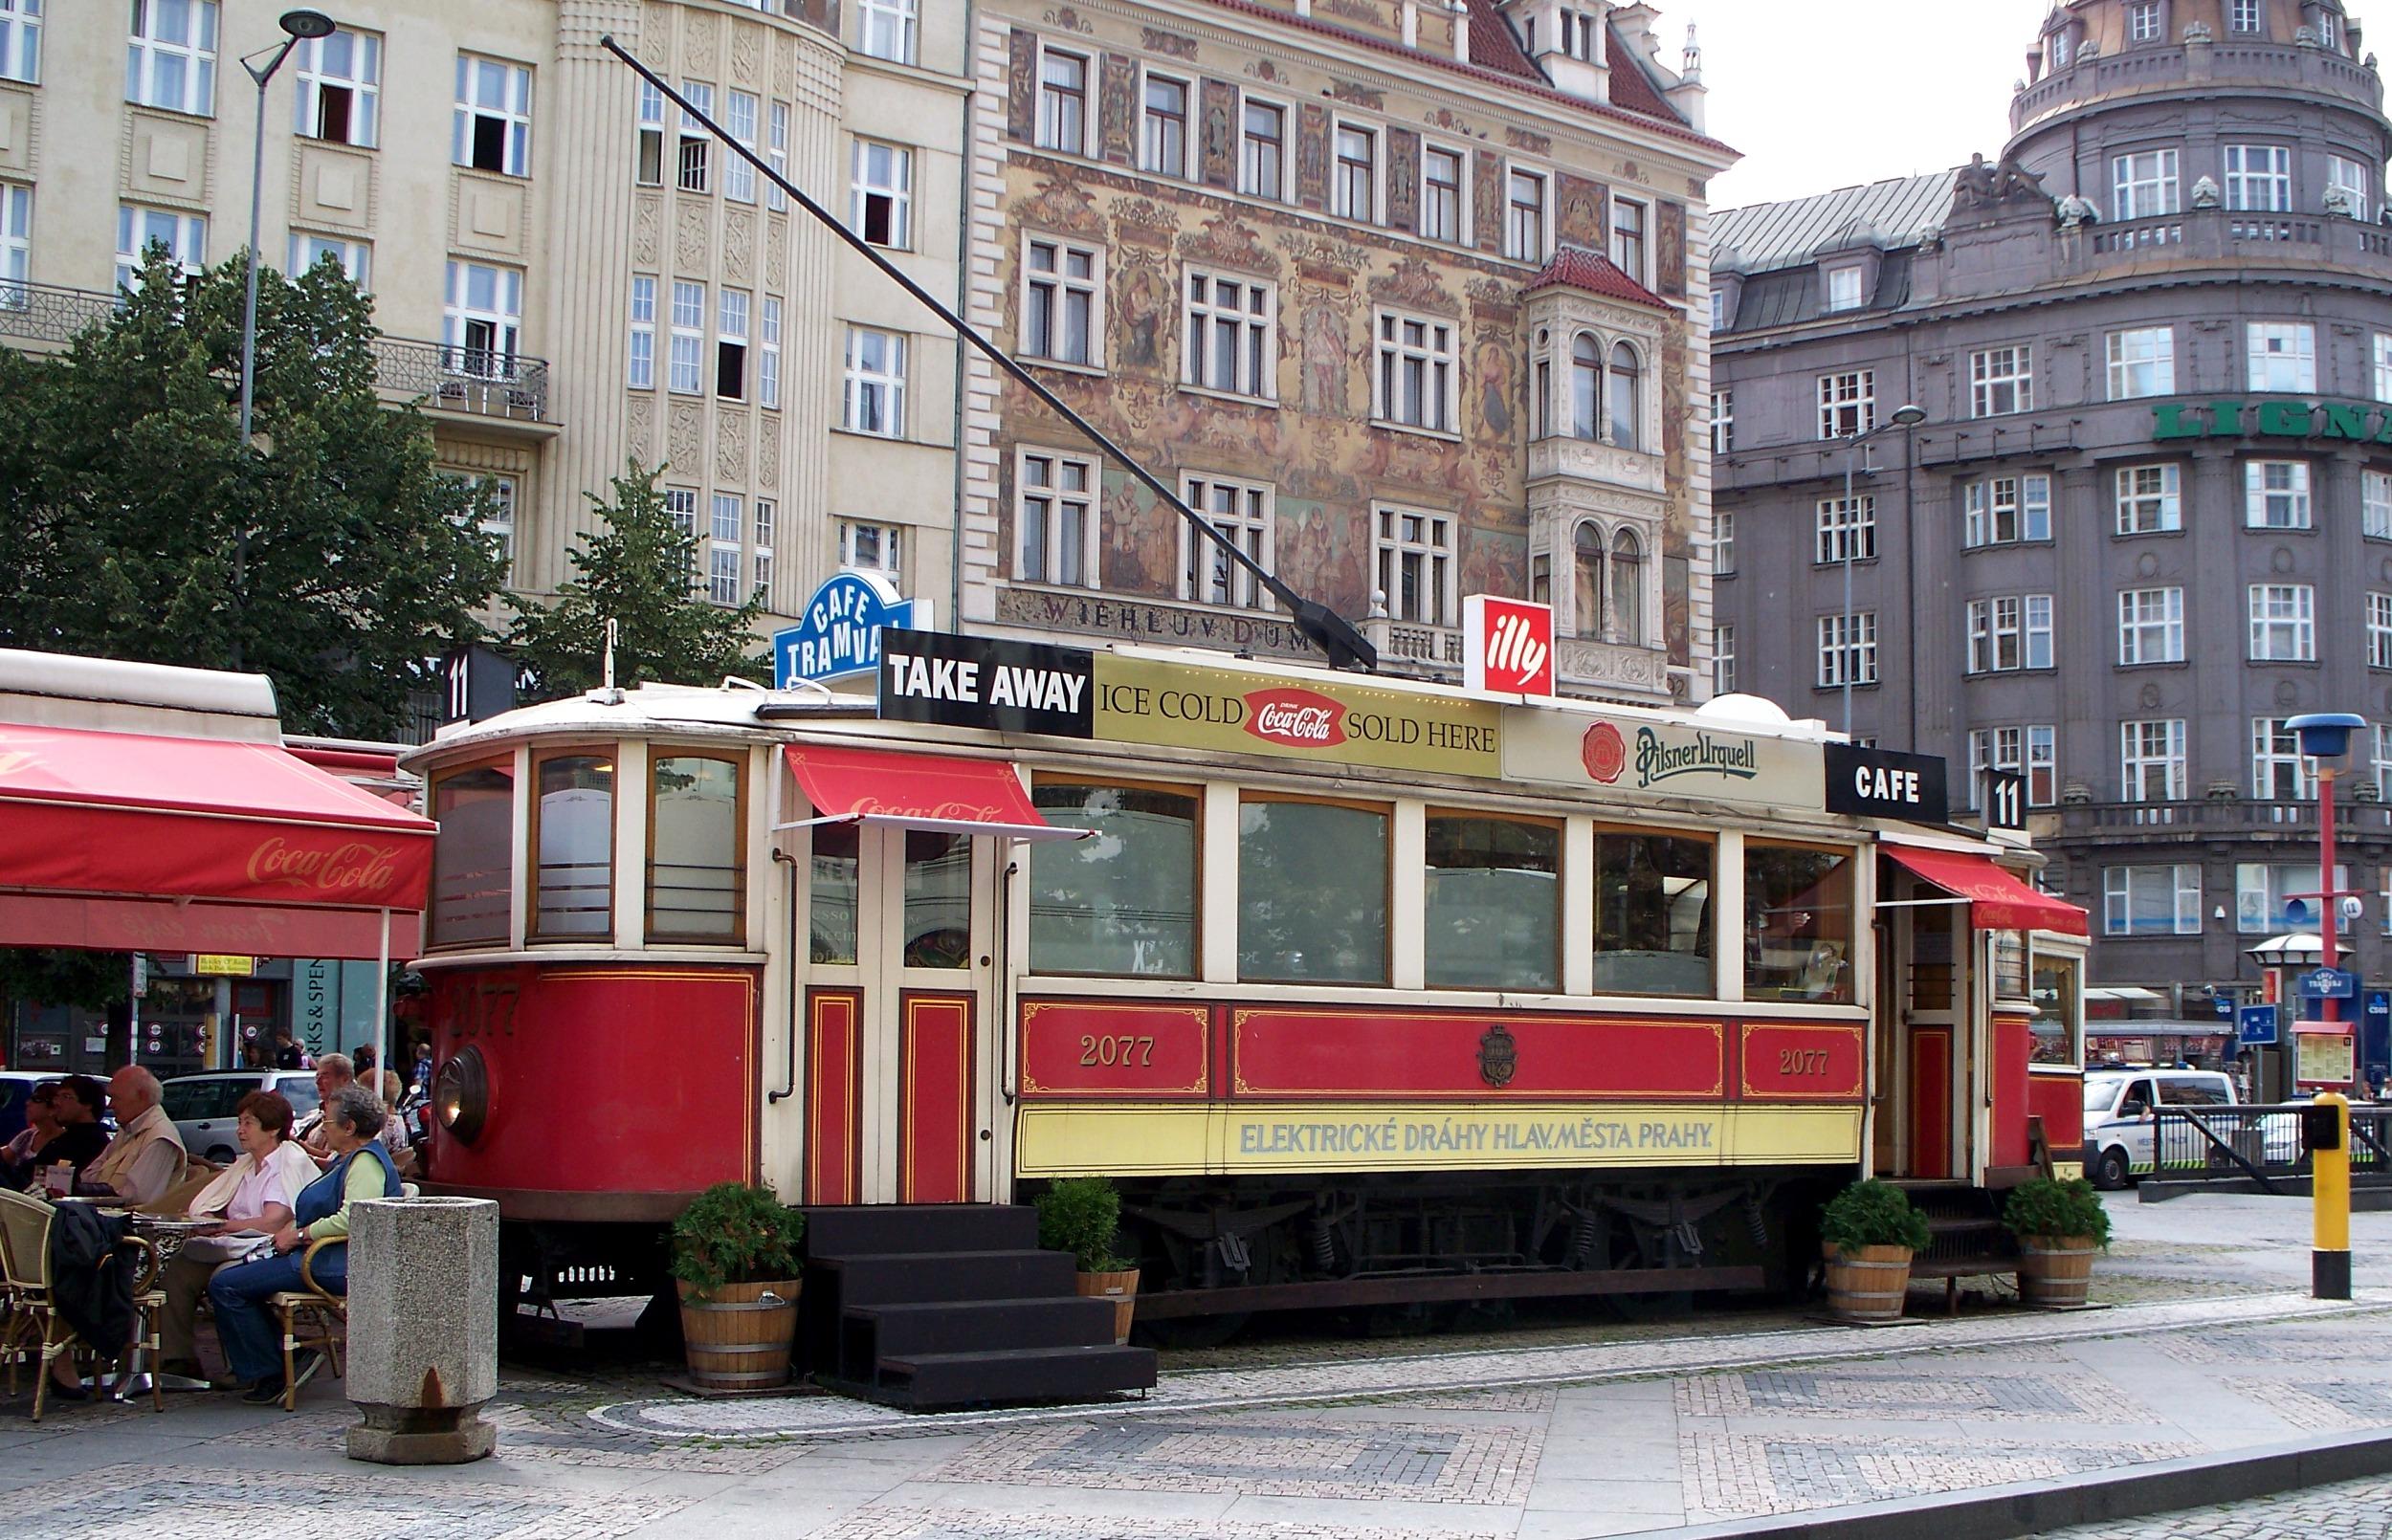 Vůz ev. č. 2077 je dnes na Václavském náměstí coby kavárna. V letech 1972-2000 však byla tramvaj v Plzni, přičemž původně se počítalo s tím, že bude zachována jako historická, byť v Plzni (kde nesla ev. č. 80) nikdy nesloužila potřebám cestujících, ale jenom jako služební. (zdroj: Wikipedia.org)